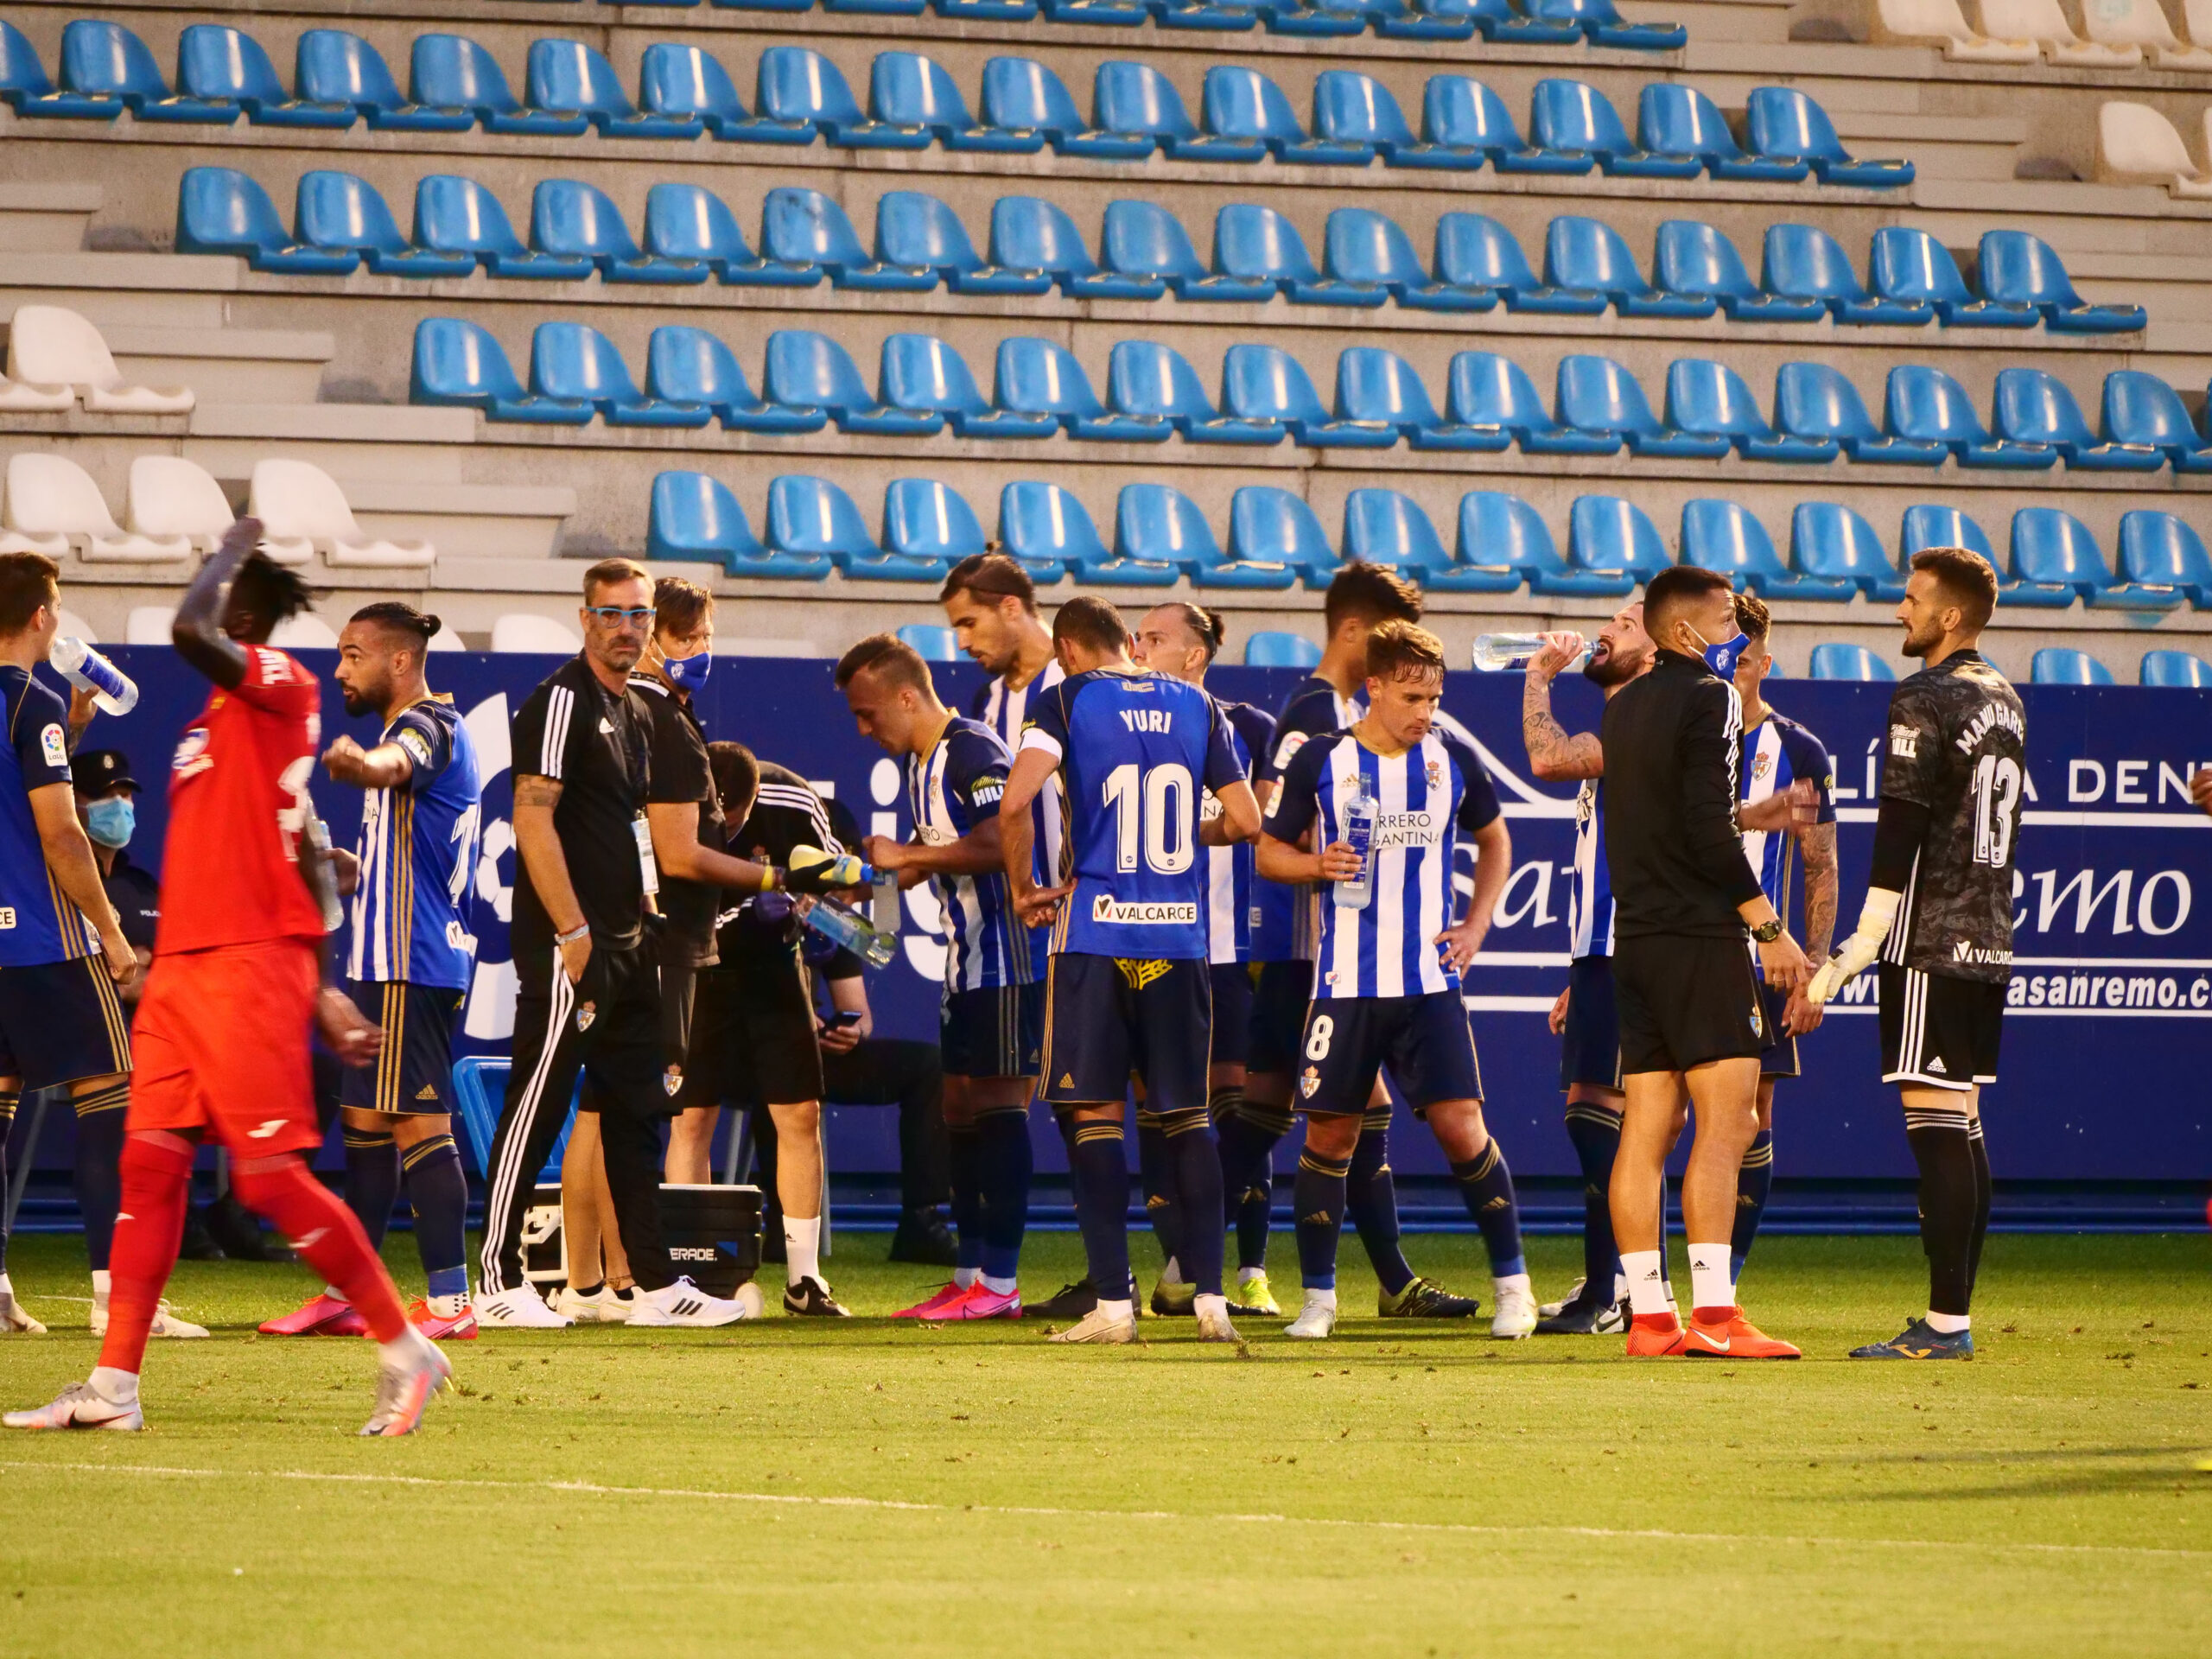 Fotogalería del partido Ponferradina - Fuenlabrada (0 - 3) 7